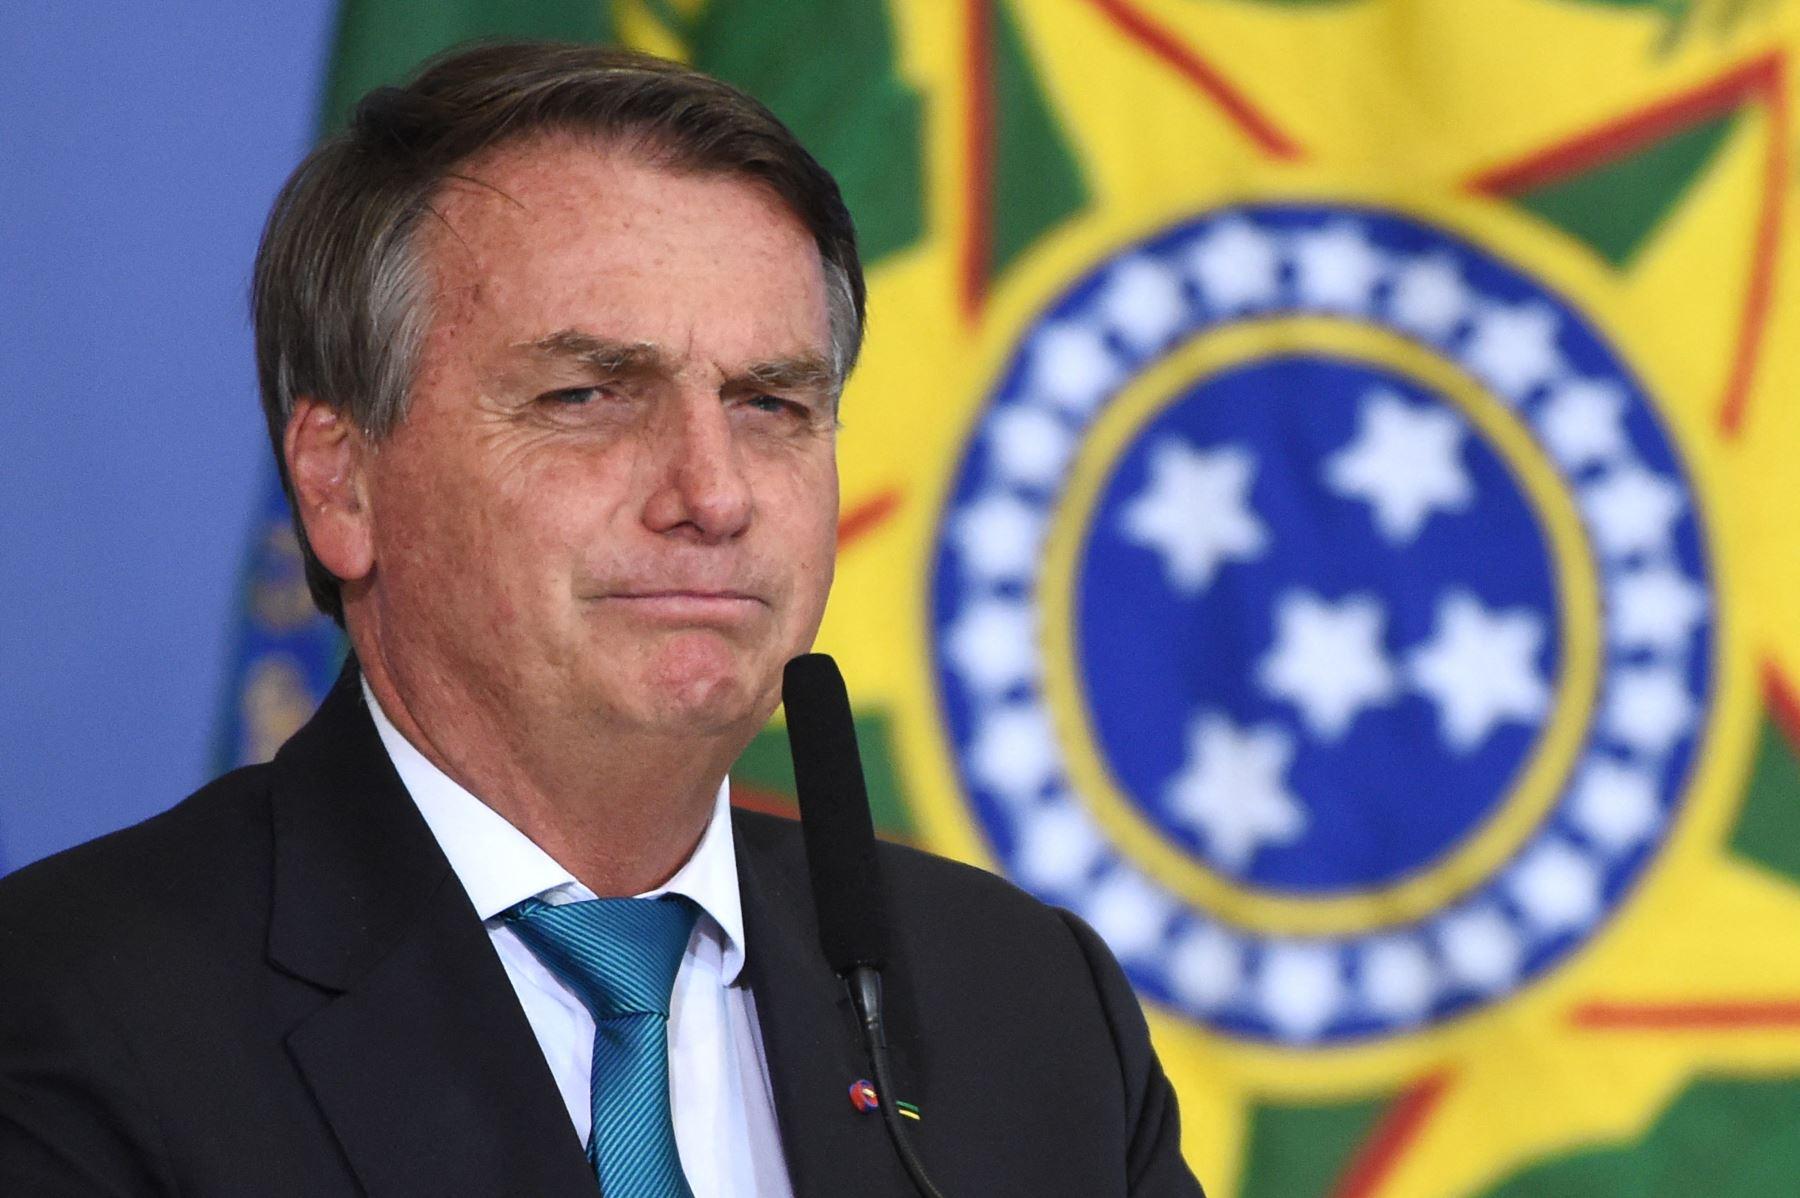 Denuncian a Bolsonaro ante la Corte Penal Internacional por crímenes contra la humanidad